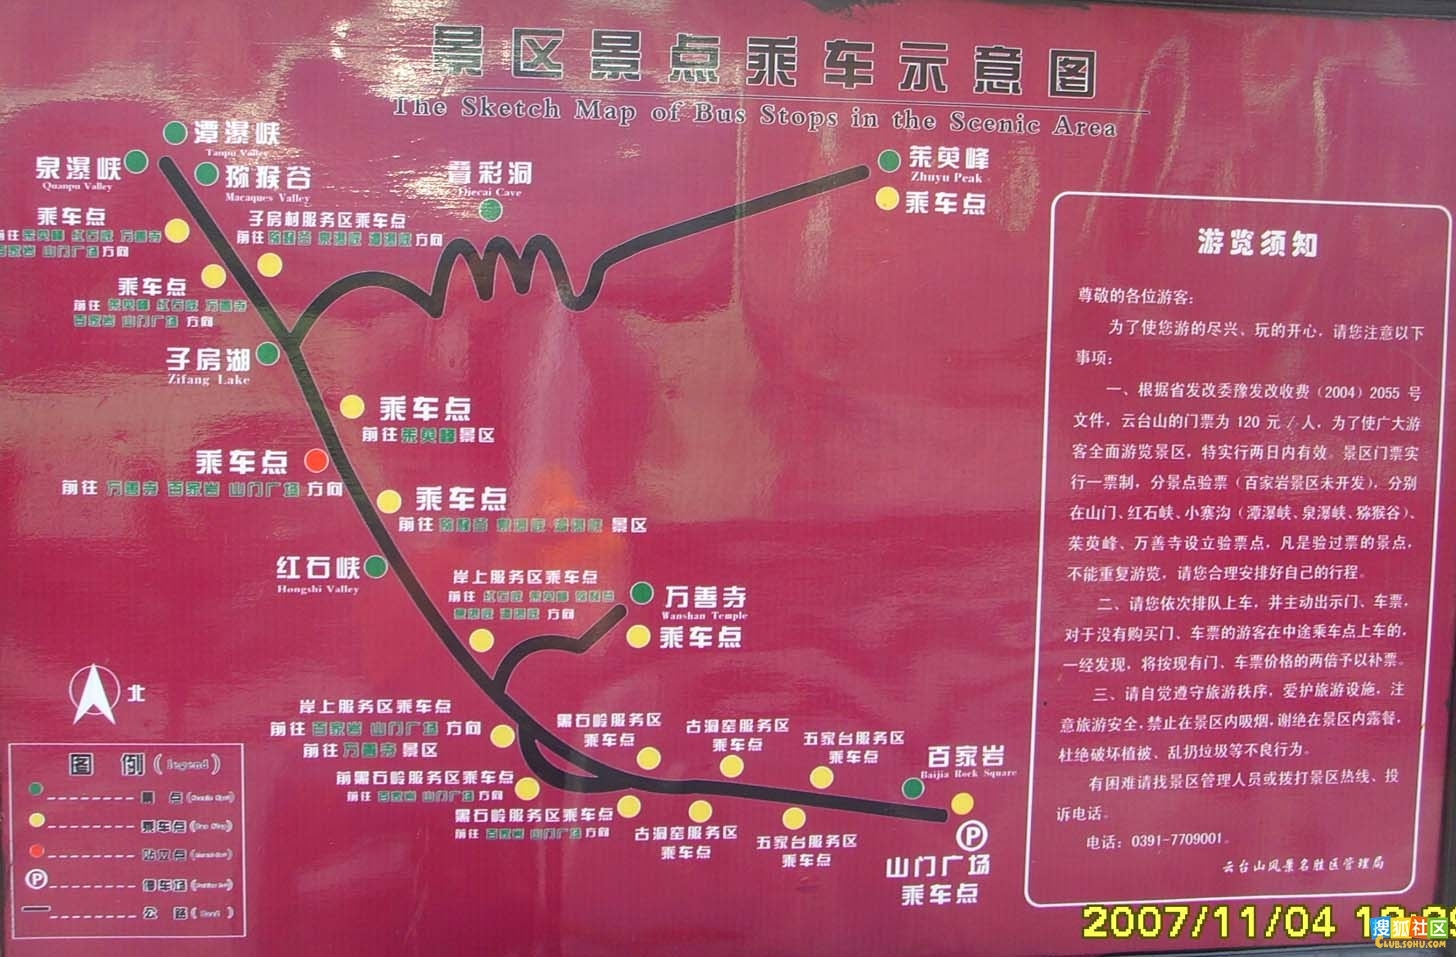 云台山红石峡,位于河南省焦作市修武县境内